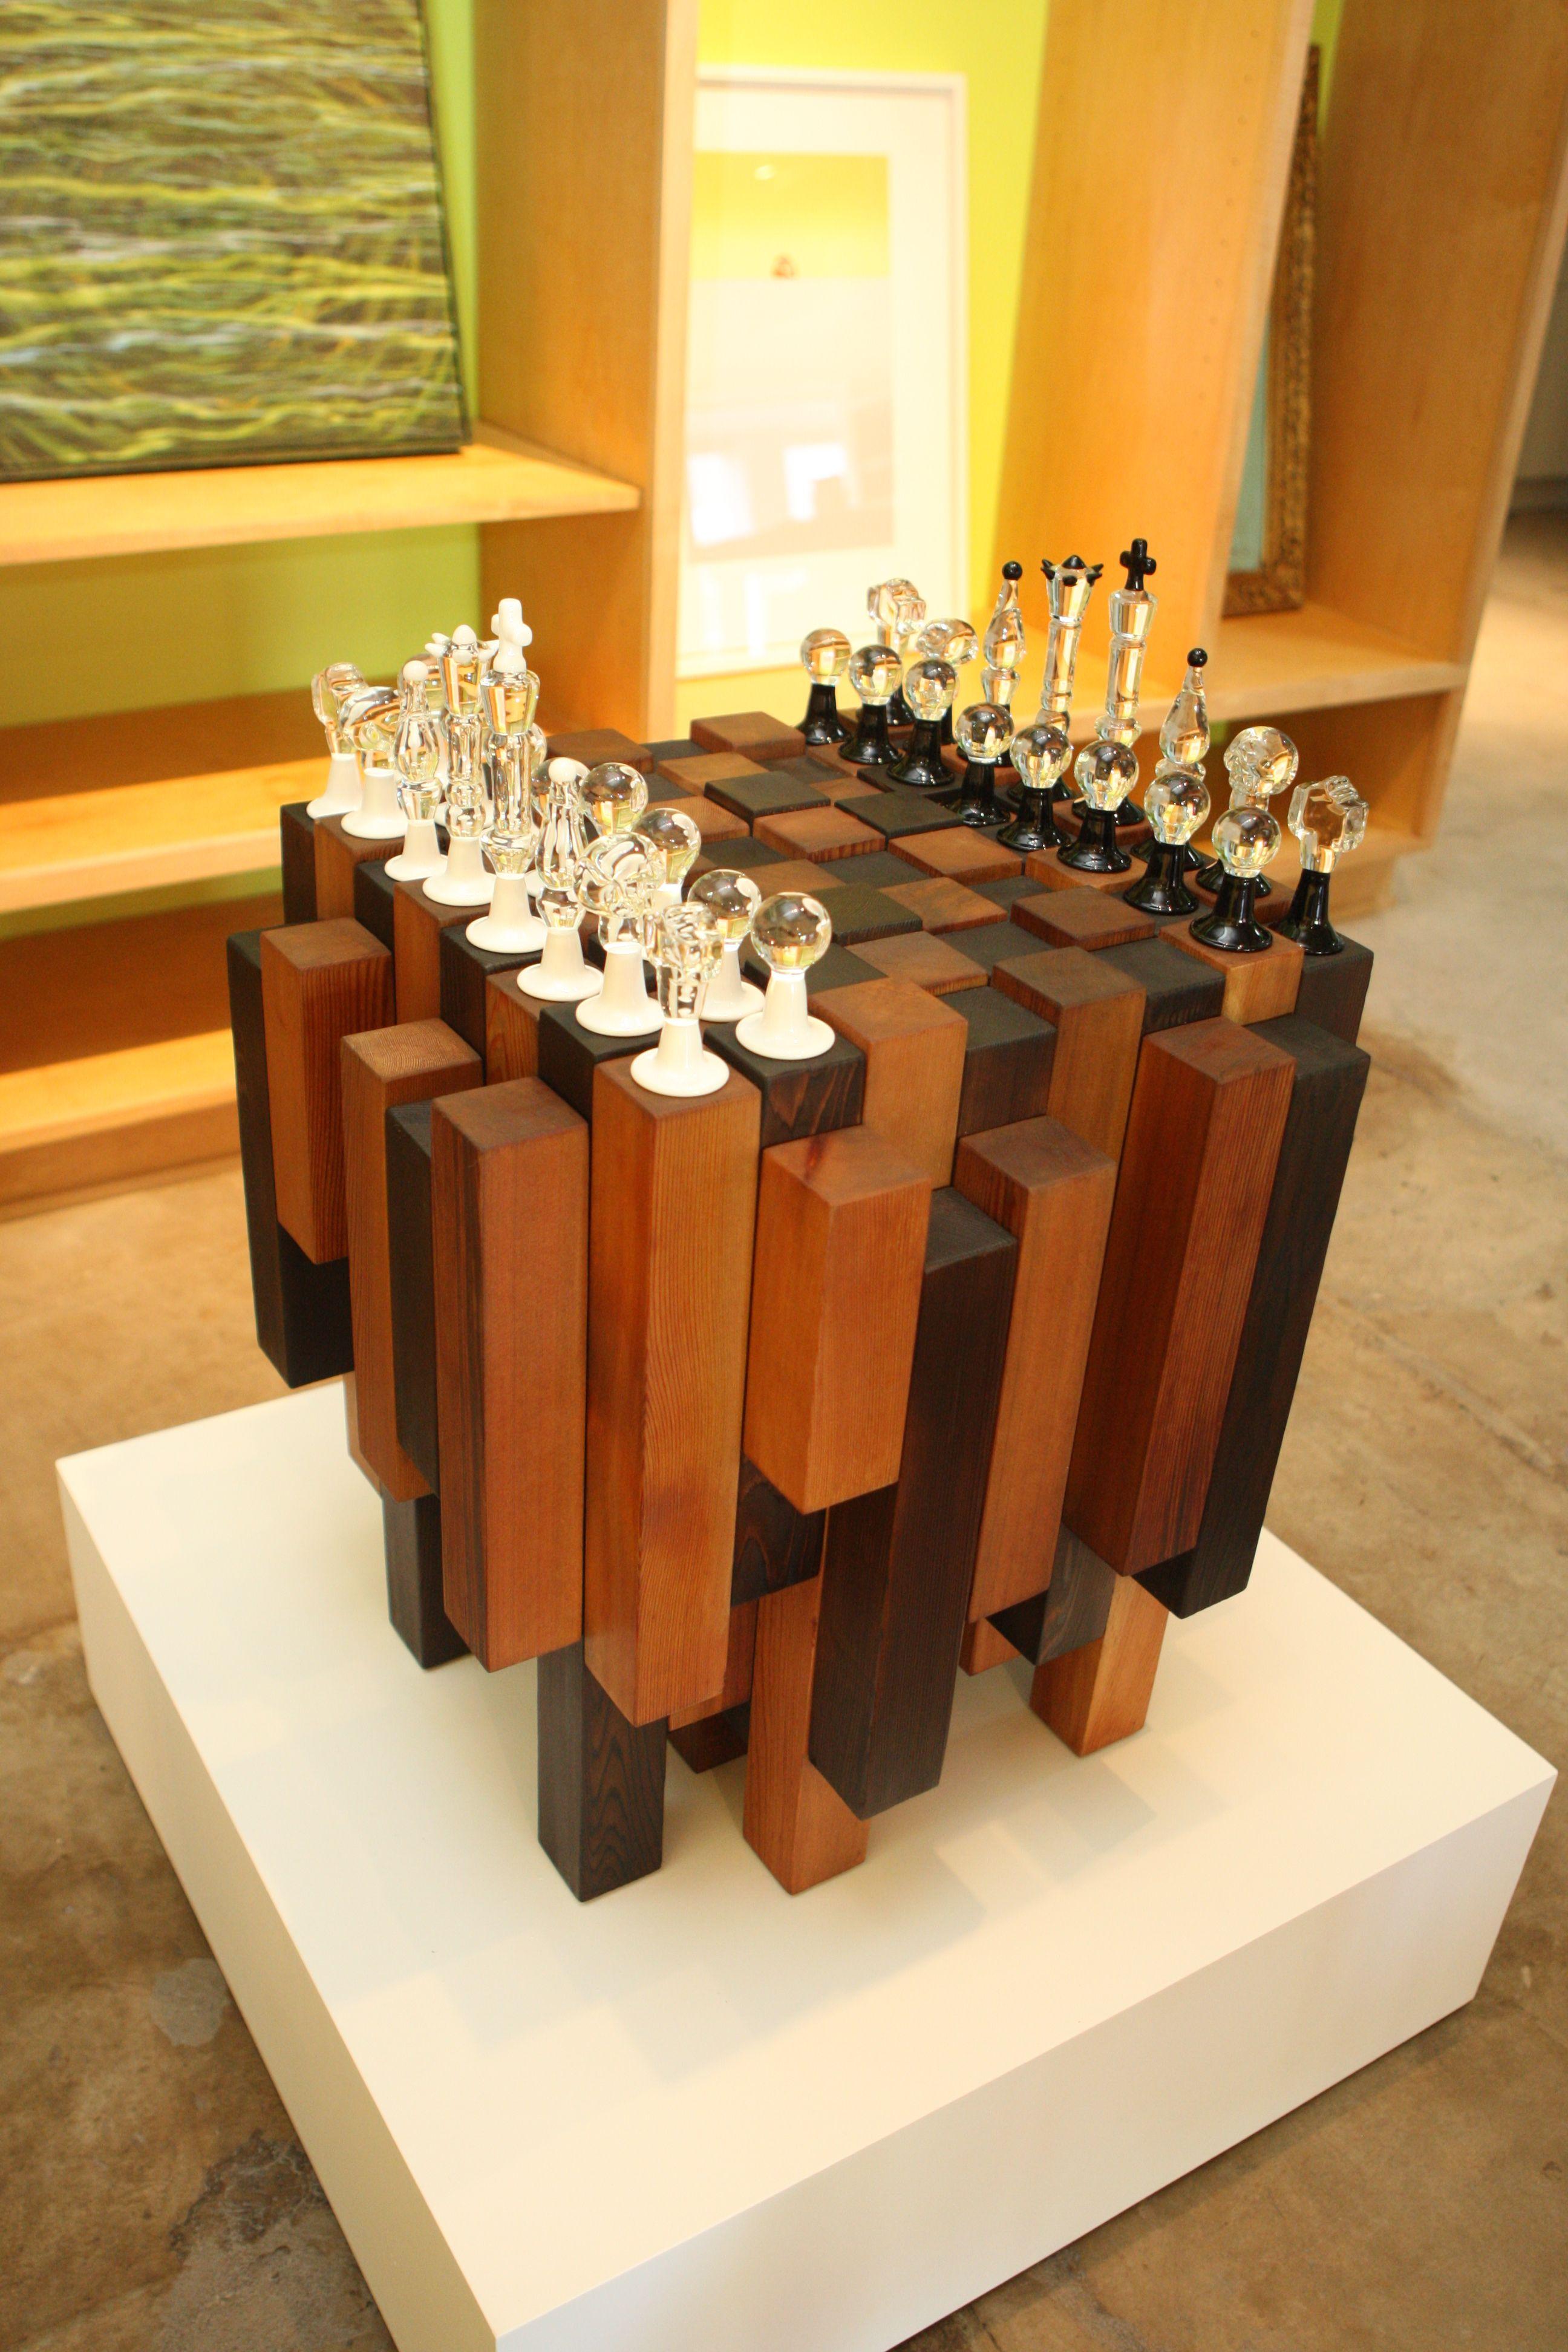 2 592 3 888 pixels ideen pinterest schach holzarbeiten und holz. Black Bedroom Furniture Sets. Home Design Ideas